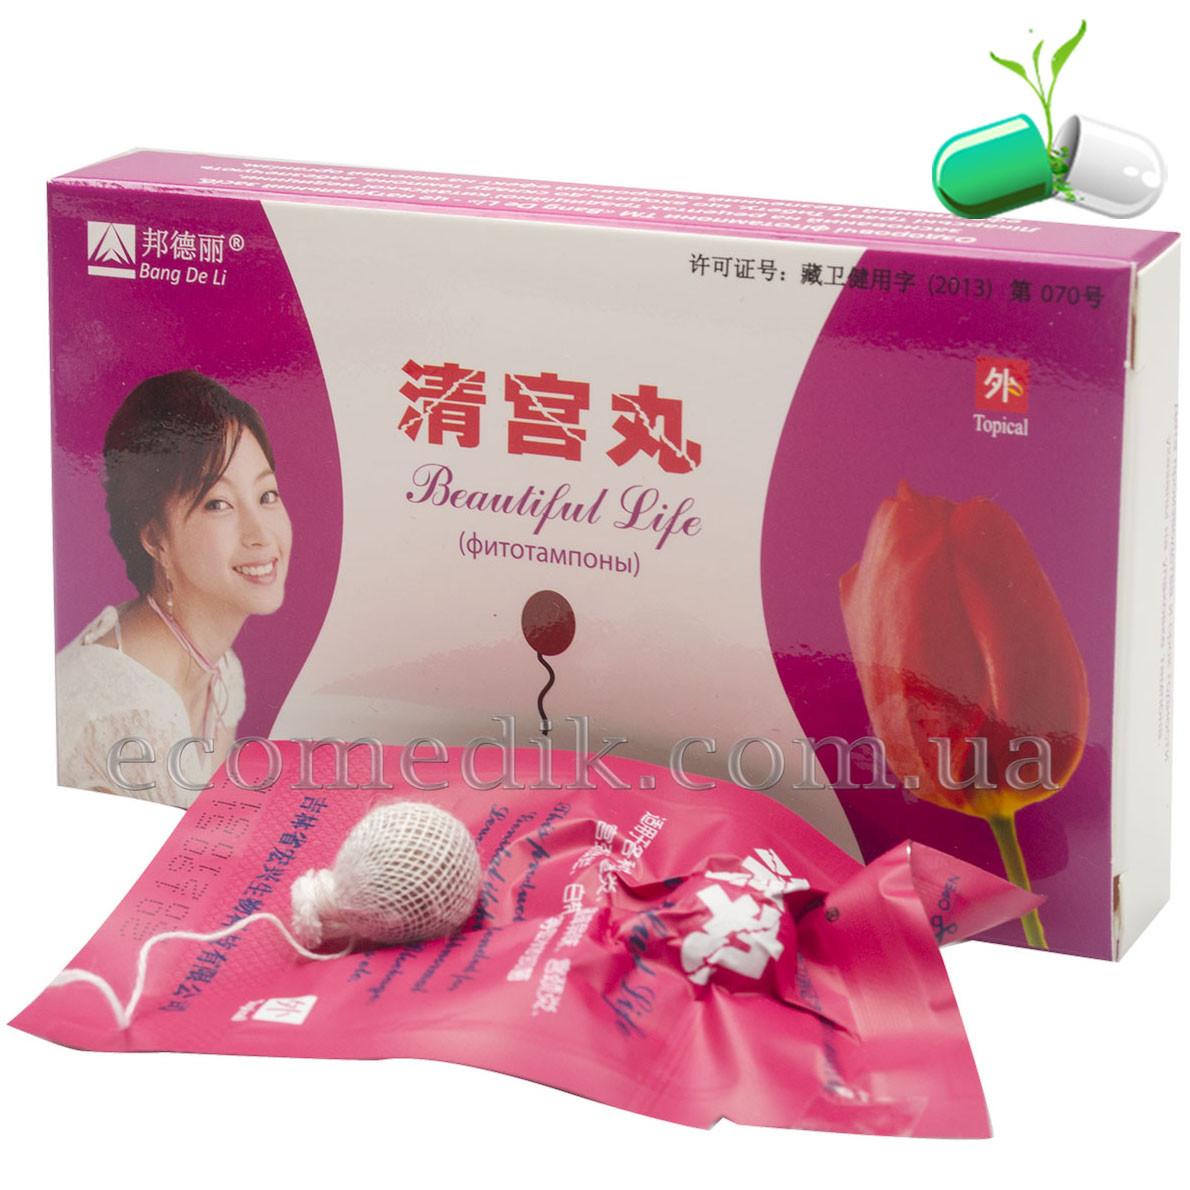 Тампоны Beautiful Life в вакуумной упаковке  купить оптом (свежий срок годности до января 2022 года)